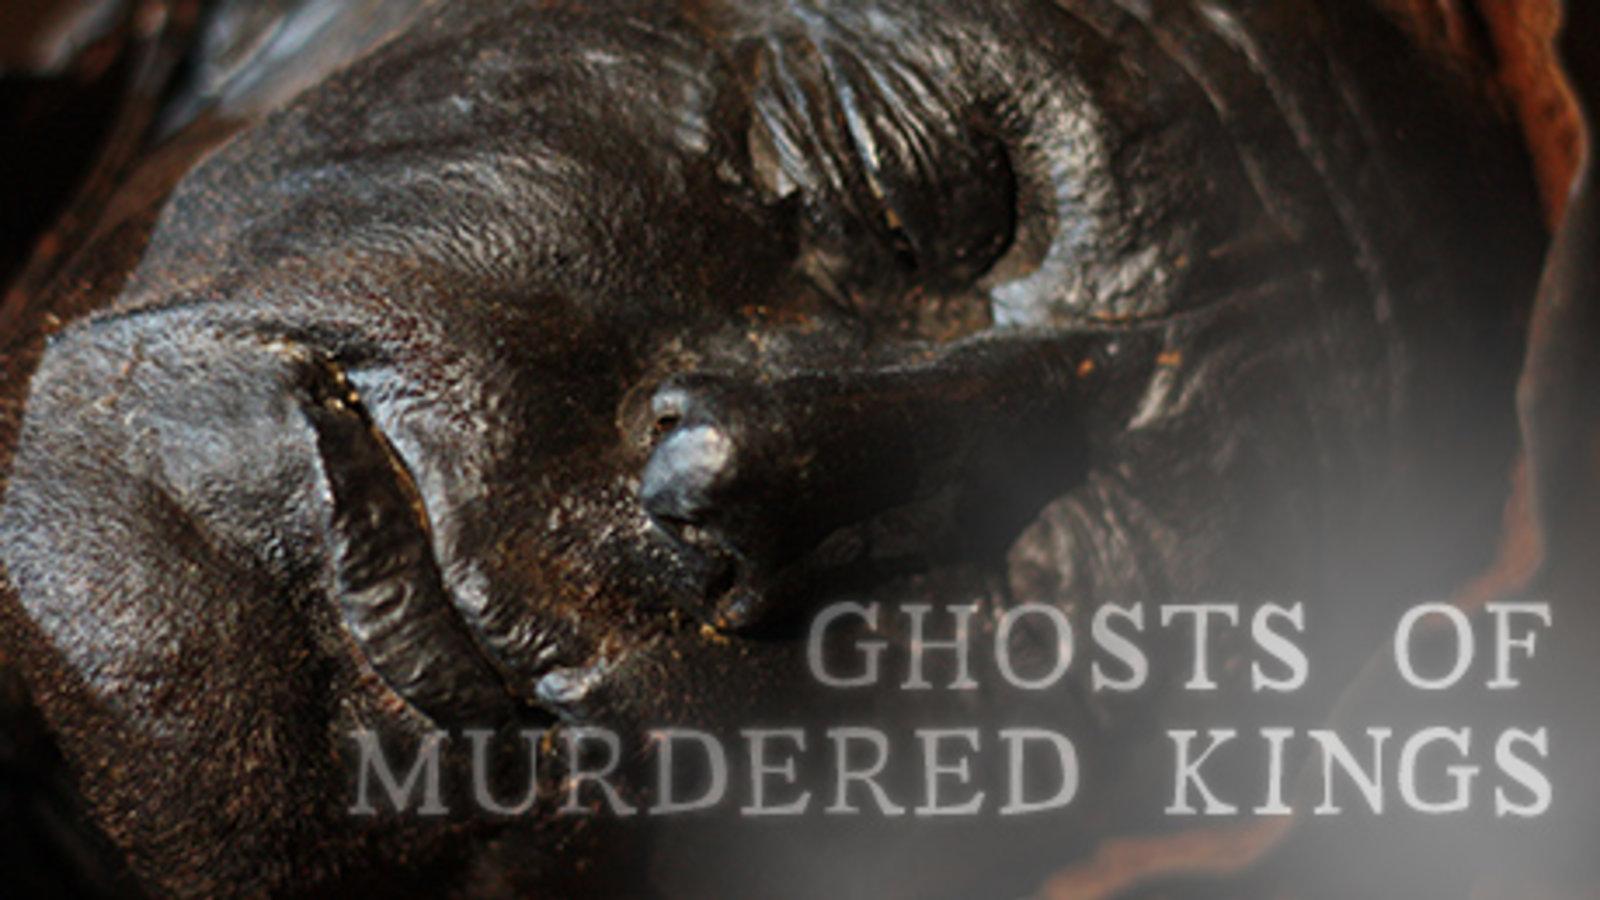 Ghosts of Murdered Kings